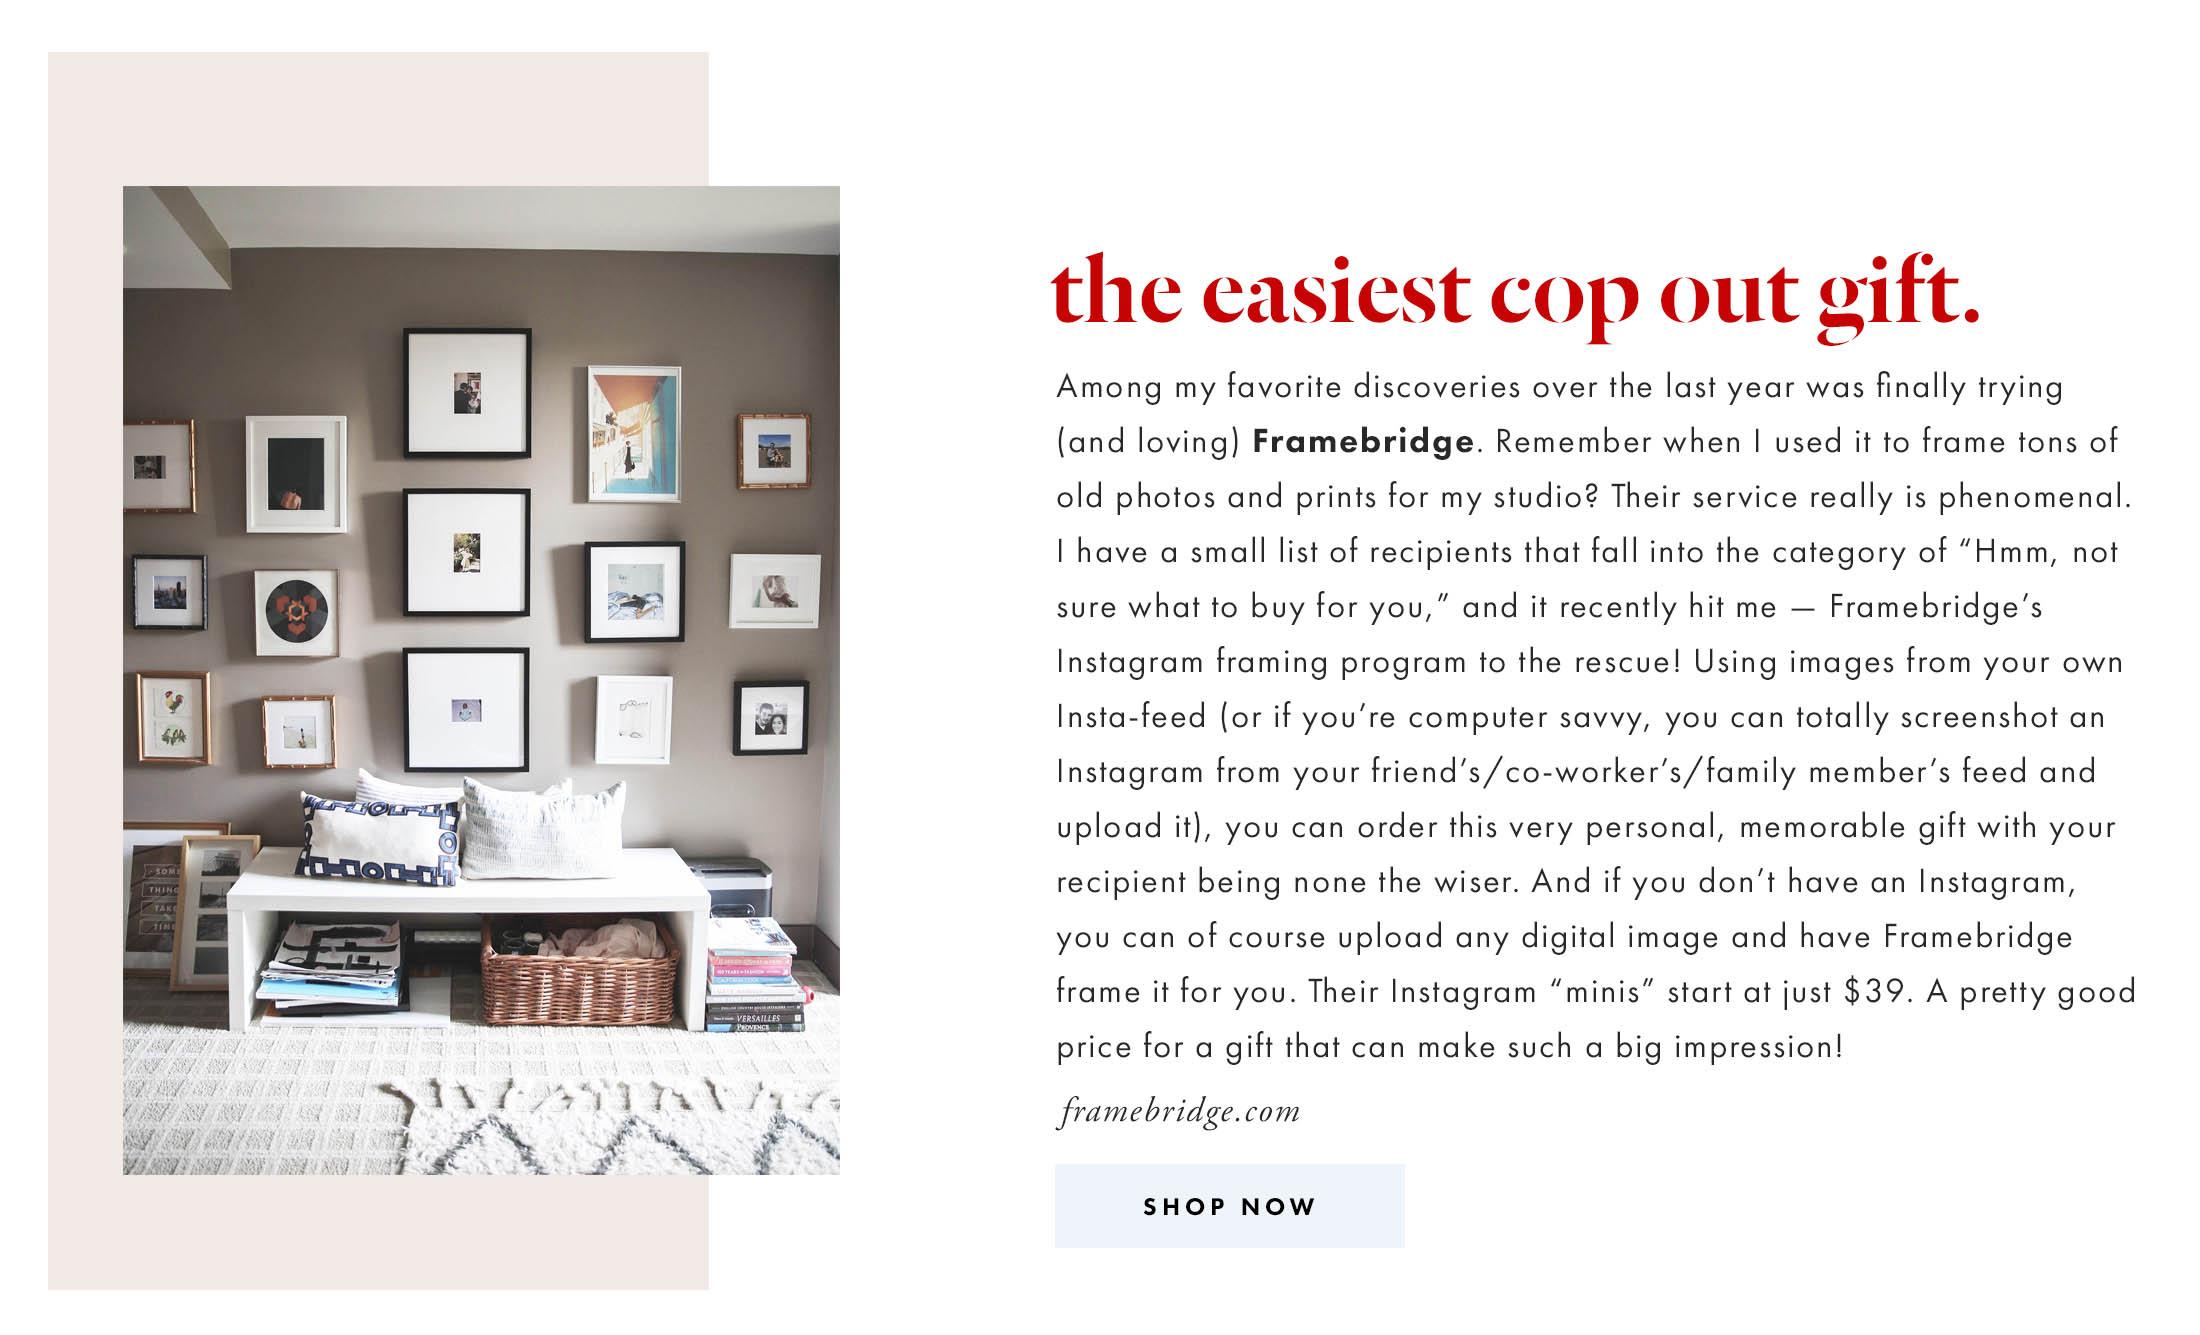 instagram-framing-from-framebridge-gift-idea